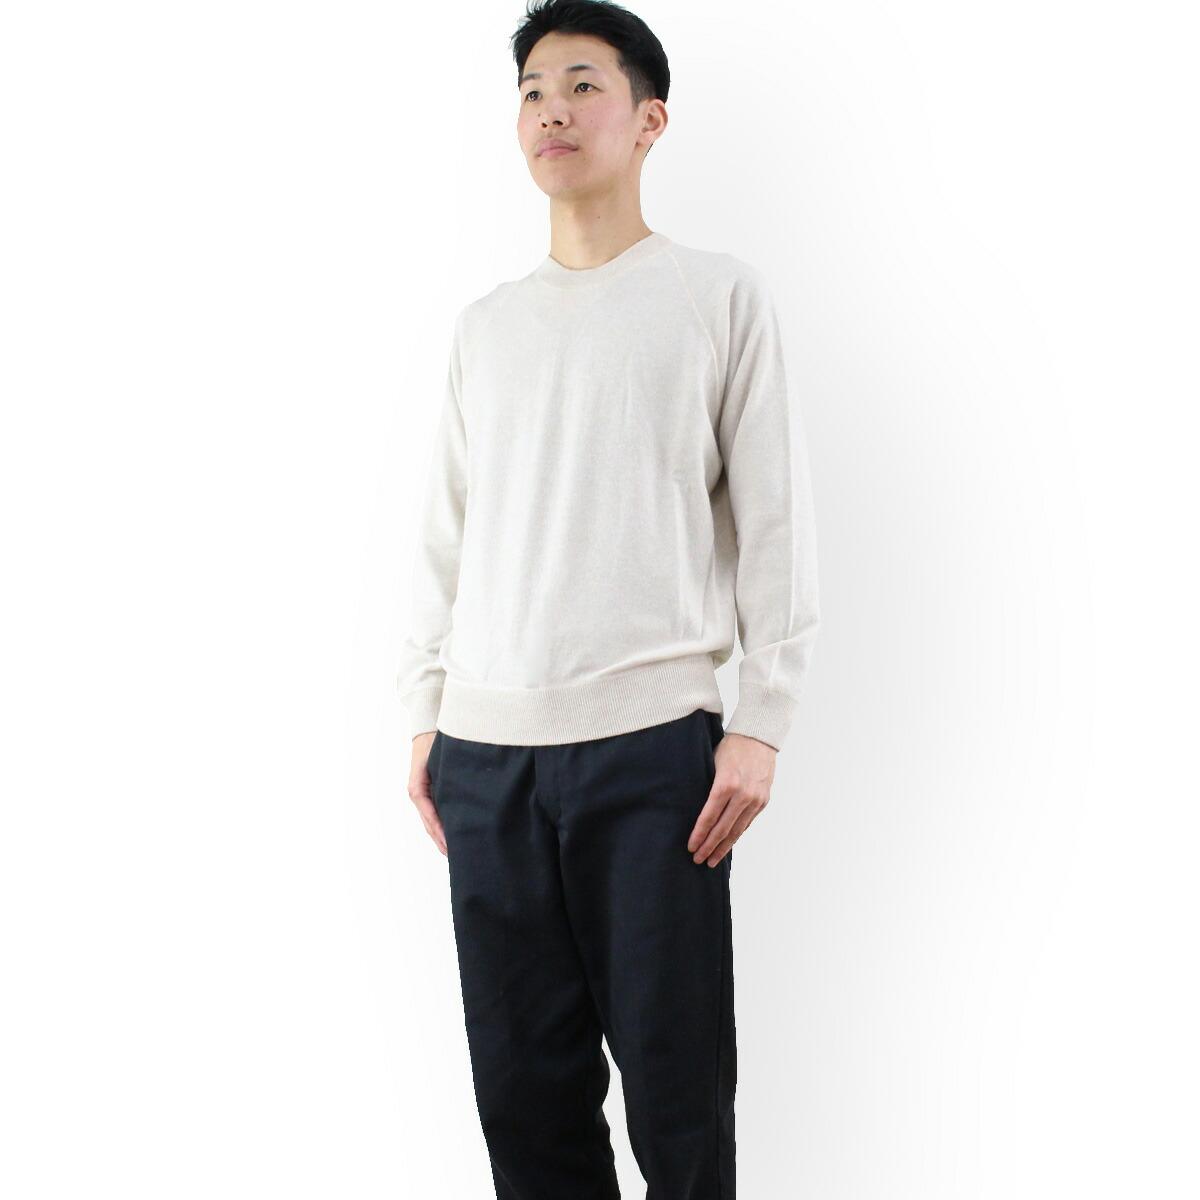 ルナリアカシミア Lunaria Cashmere Model 108 ピュアカシミアニットクルーネックセーターメンズ カラー: ベージュ OLS-4 apparel-01